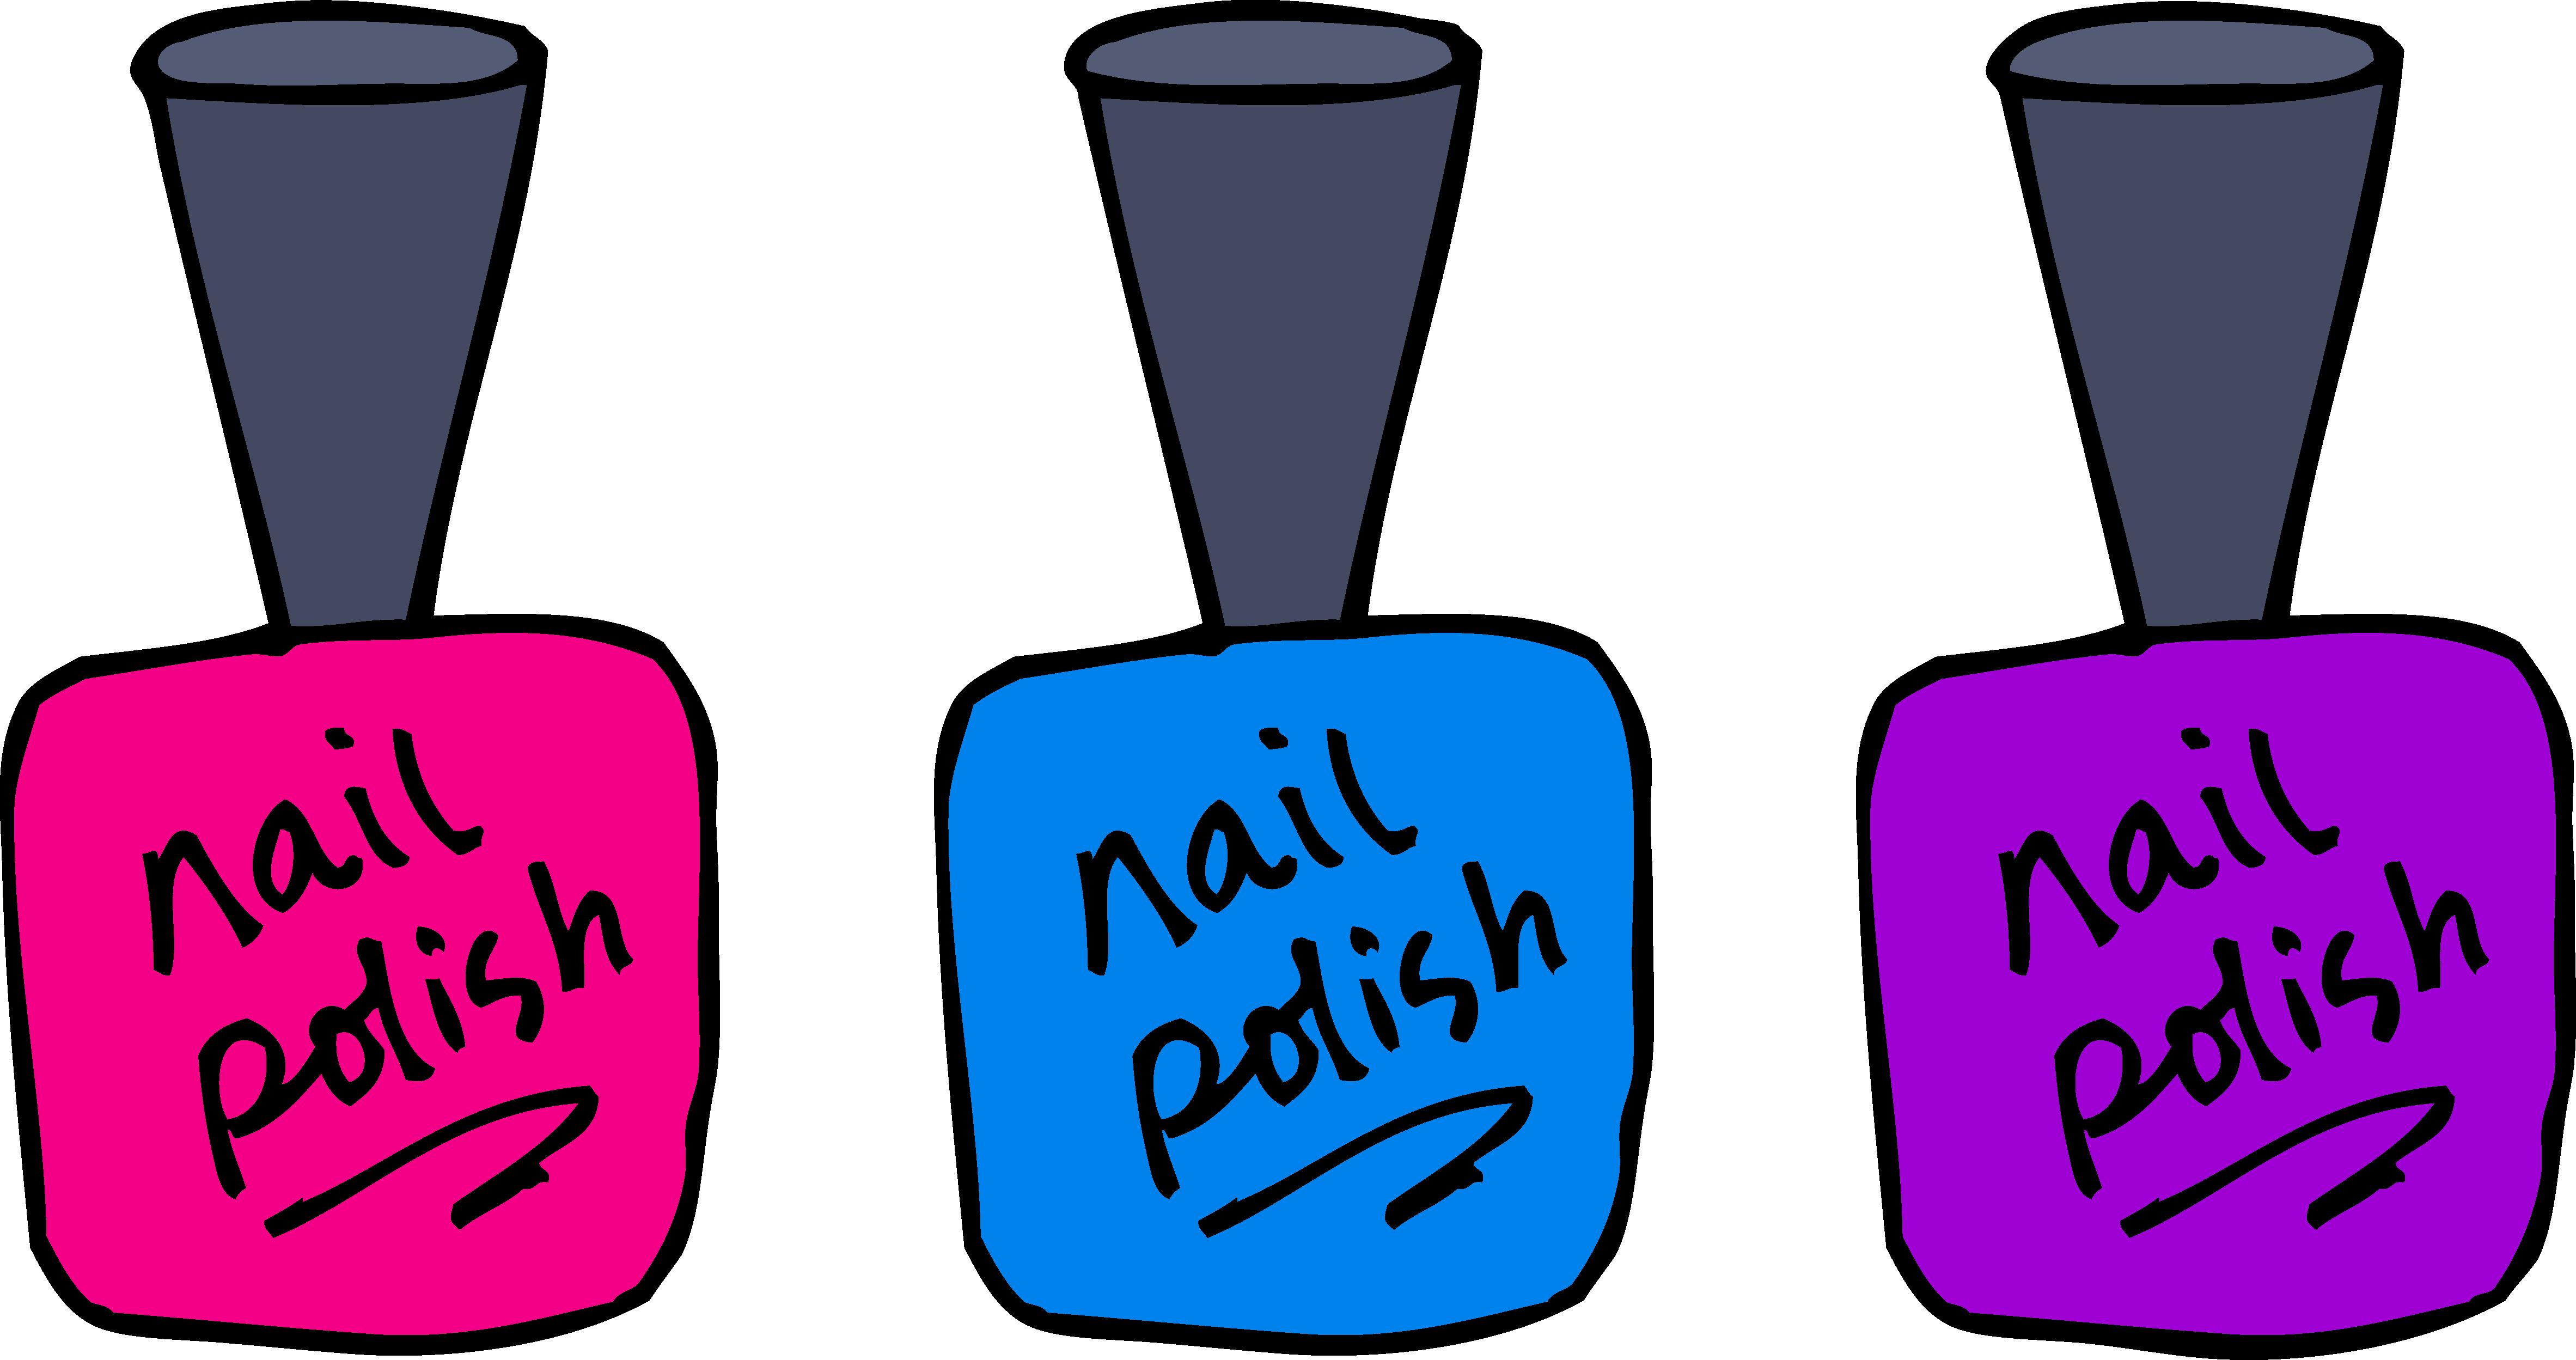 Nail polish clipart free.